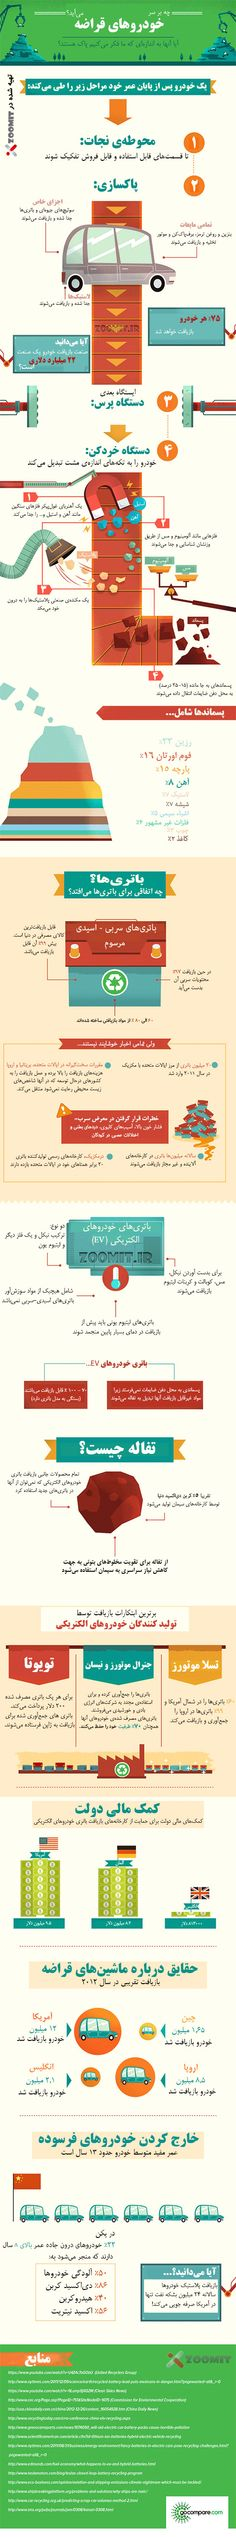 اینفوگرافیک: محیط زیست پاکتر با بازیافت خودرو# http://zurl.ir/744335